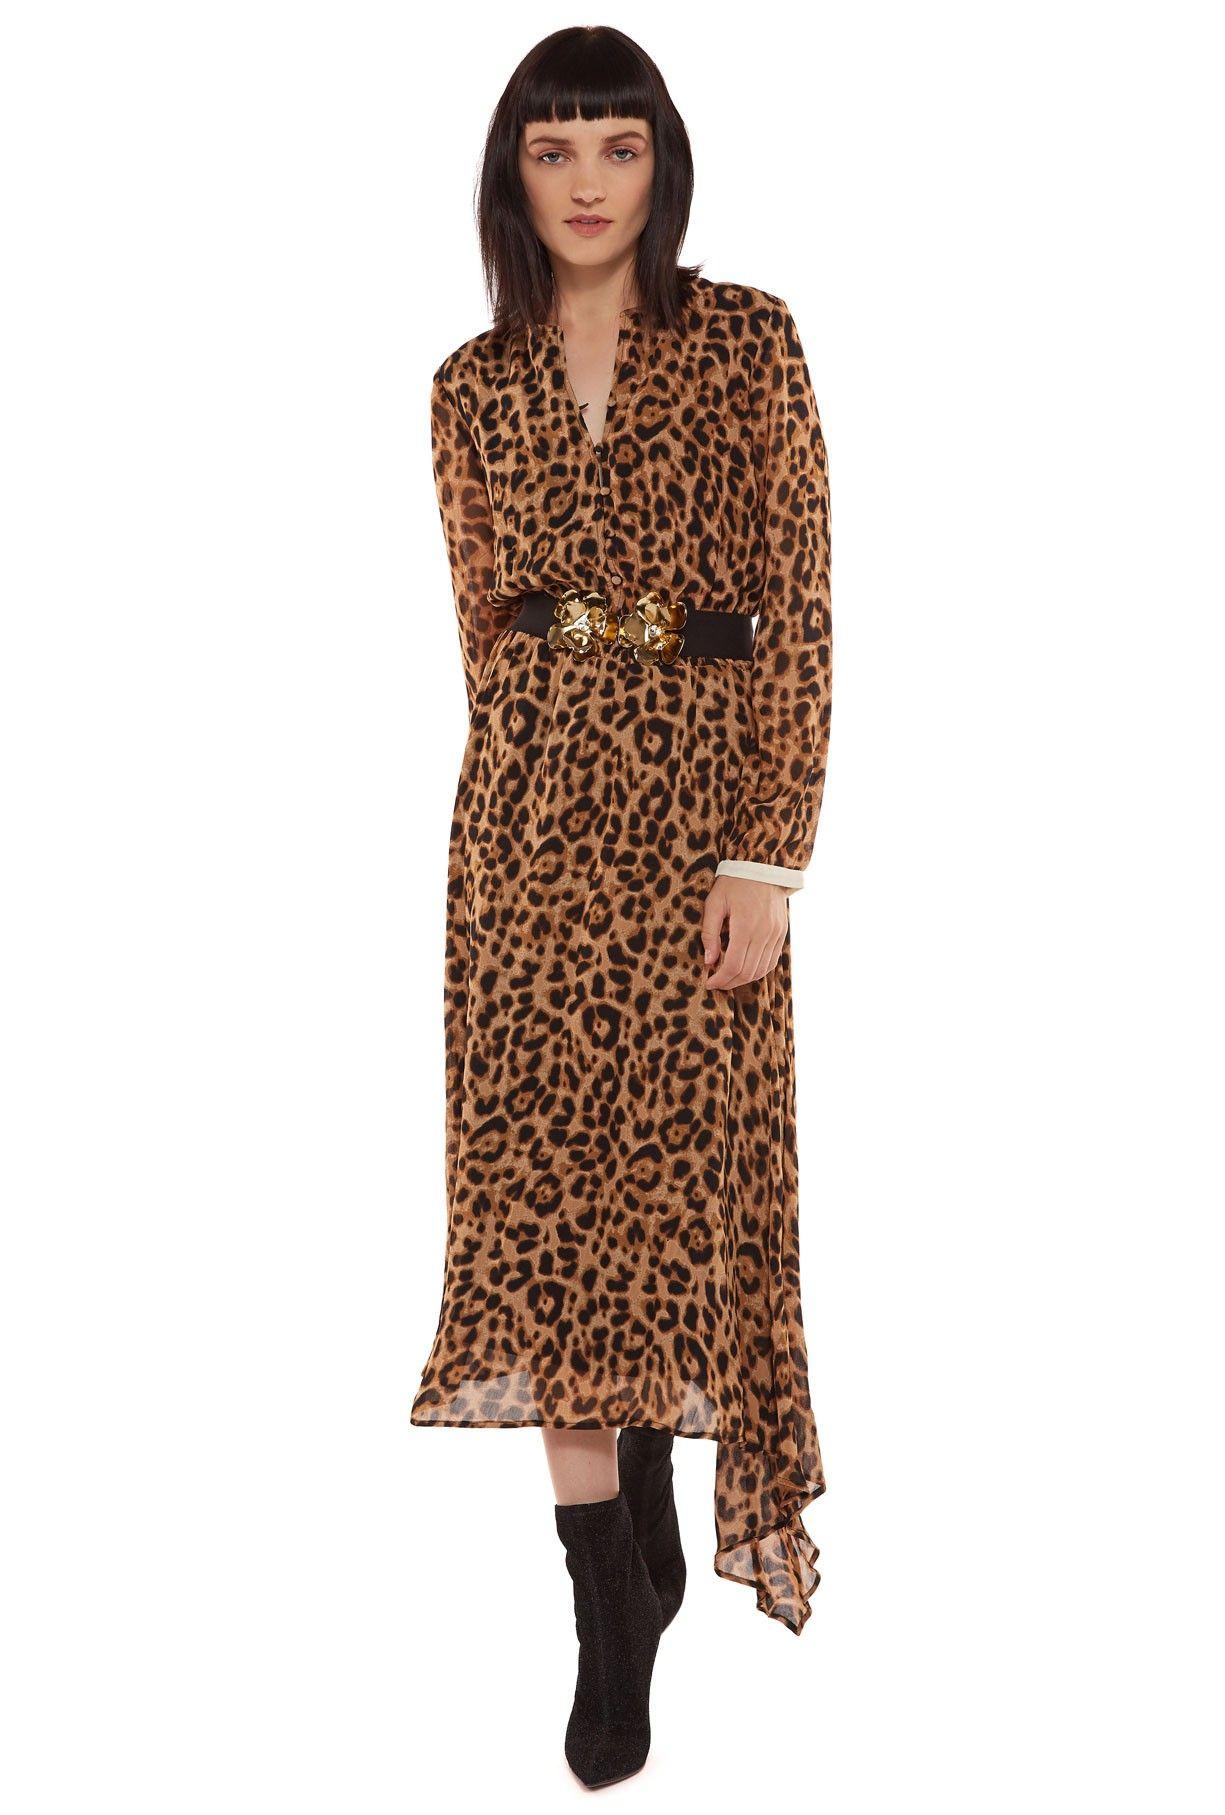 Midi Print Dress Essentiel Eu In Leopard Store Antwerp l3FK1cTJ